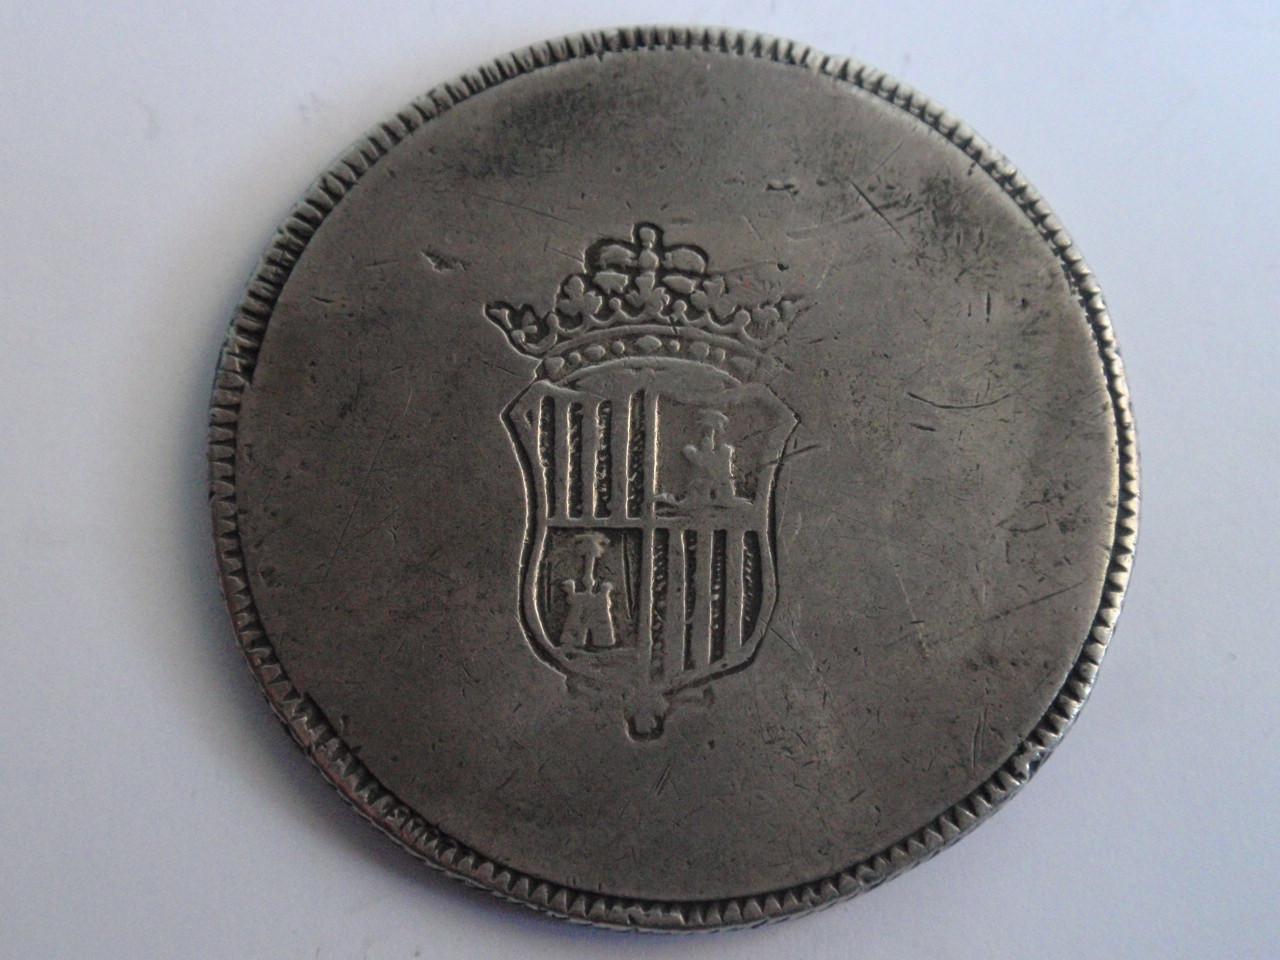 Pasarela de moda numismática Fernandina en Palma: Crónica. 8reales_004